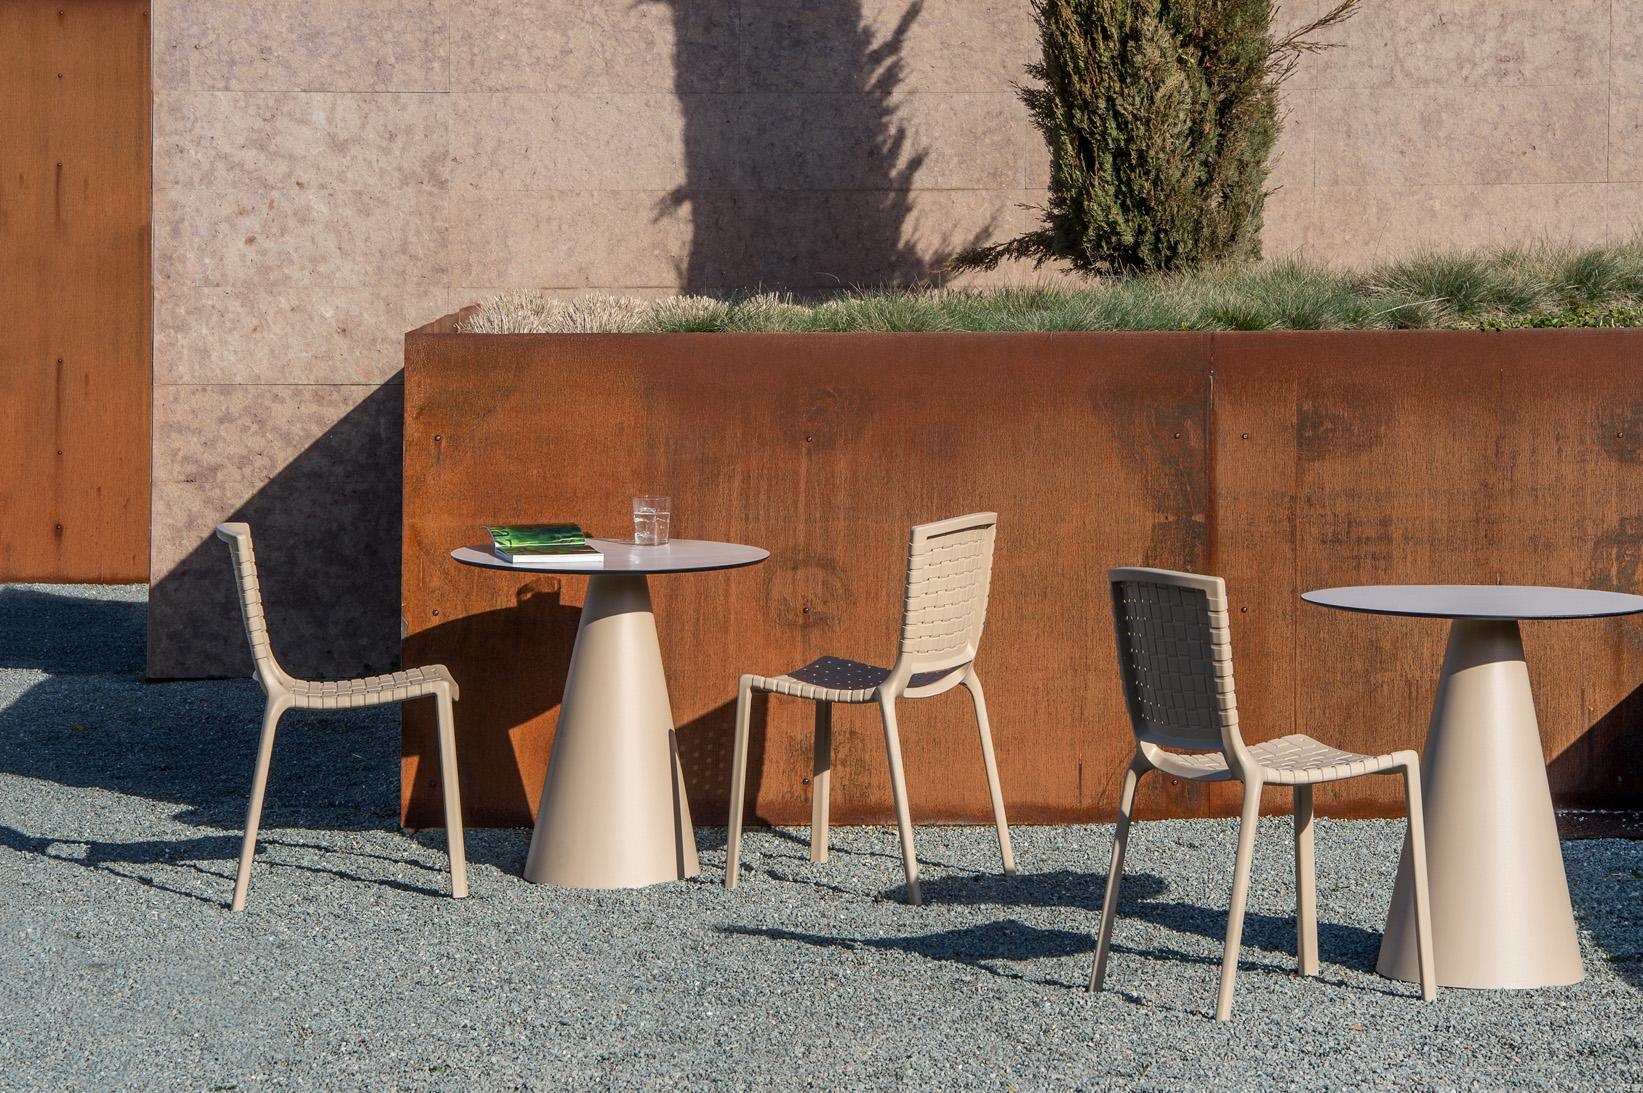 Pedrali Tatami chair with Pedrali Ikon table